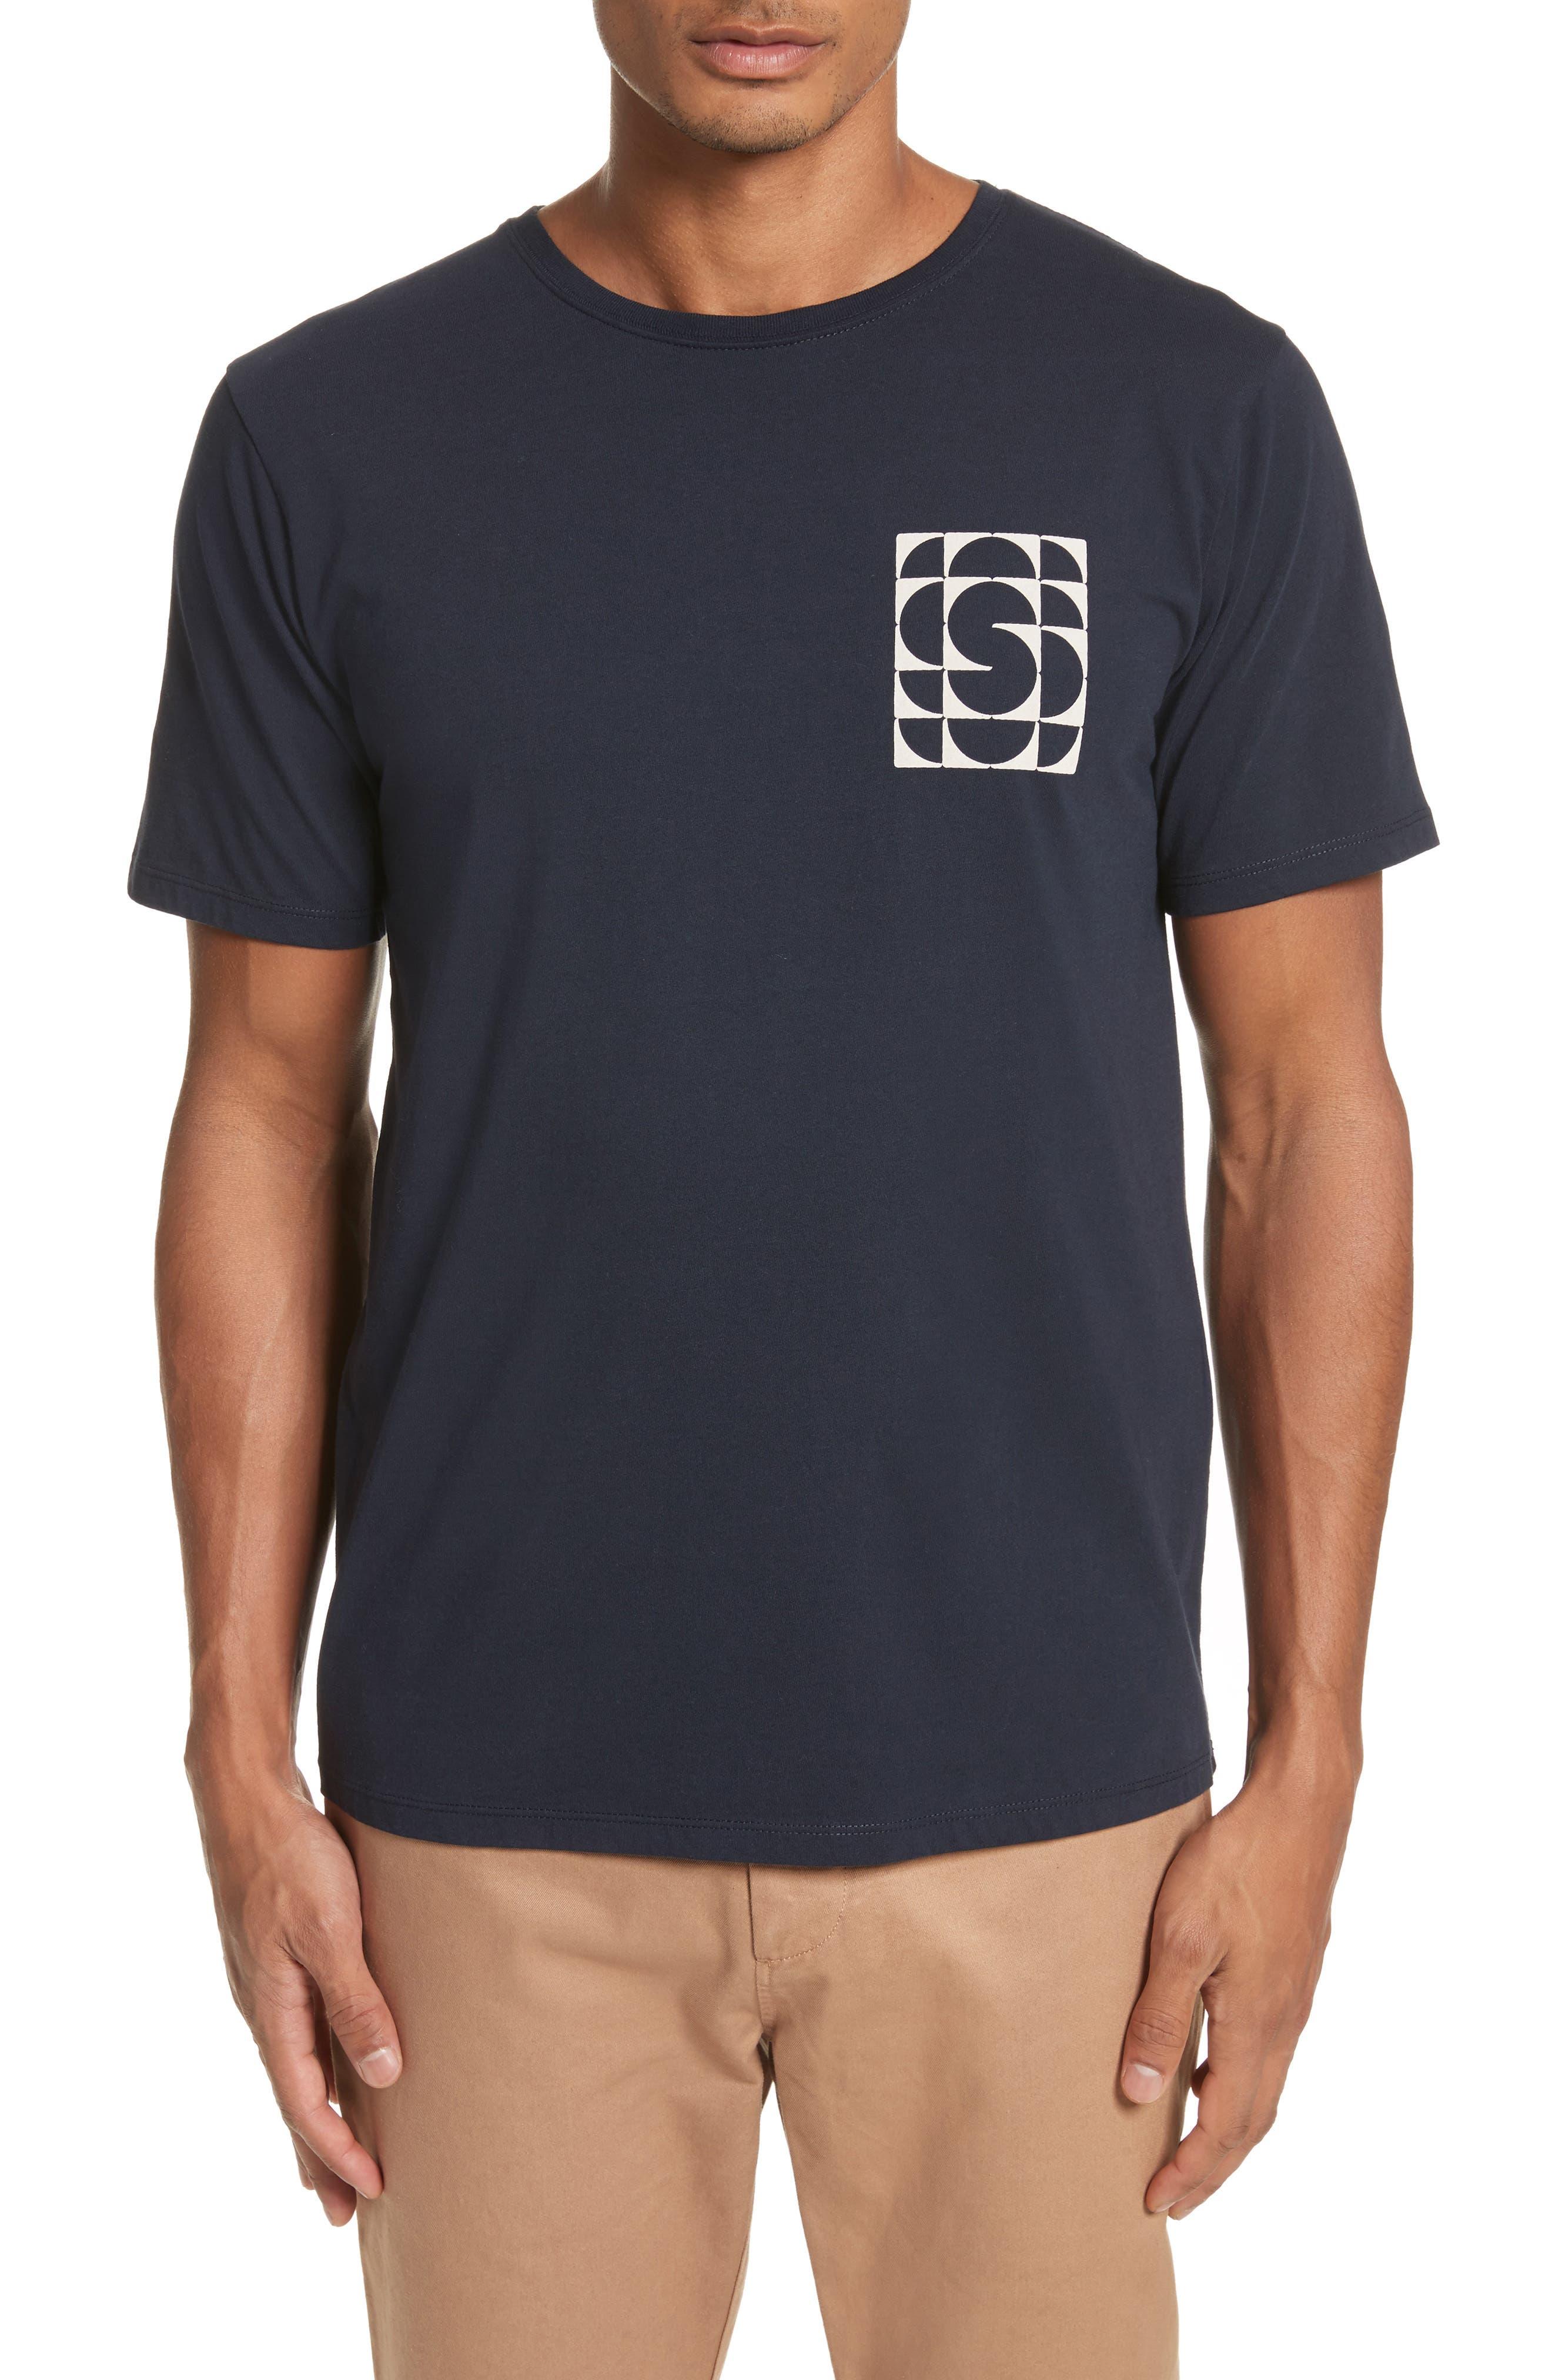 Main Image - Saturdays NYC Kaleidoscope Graphic T-Shirt